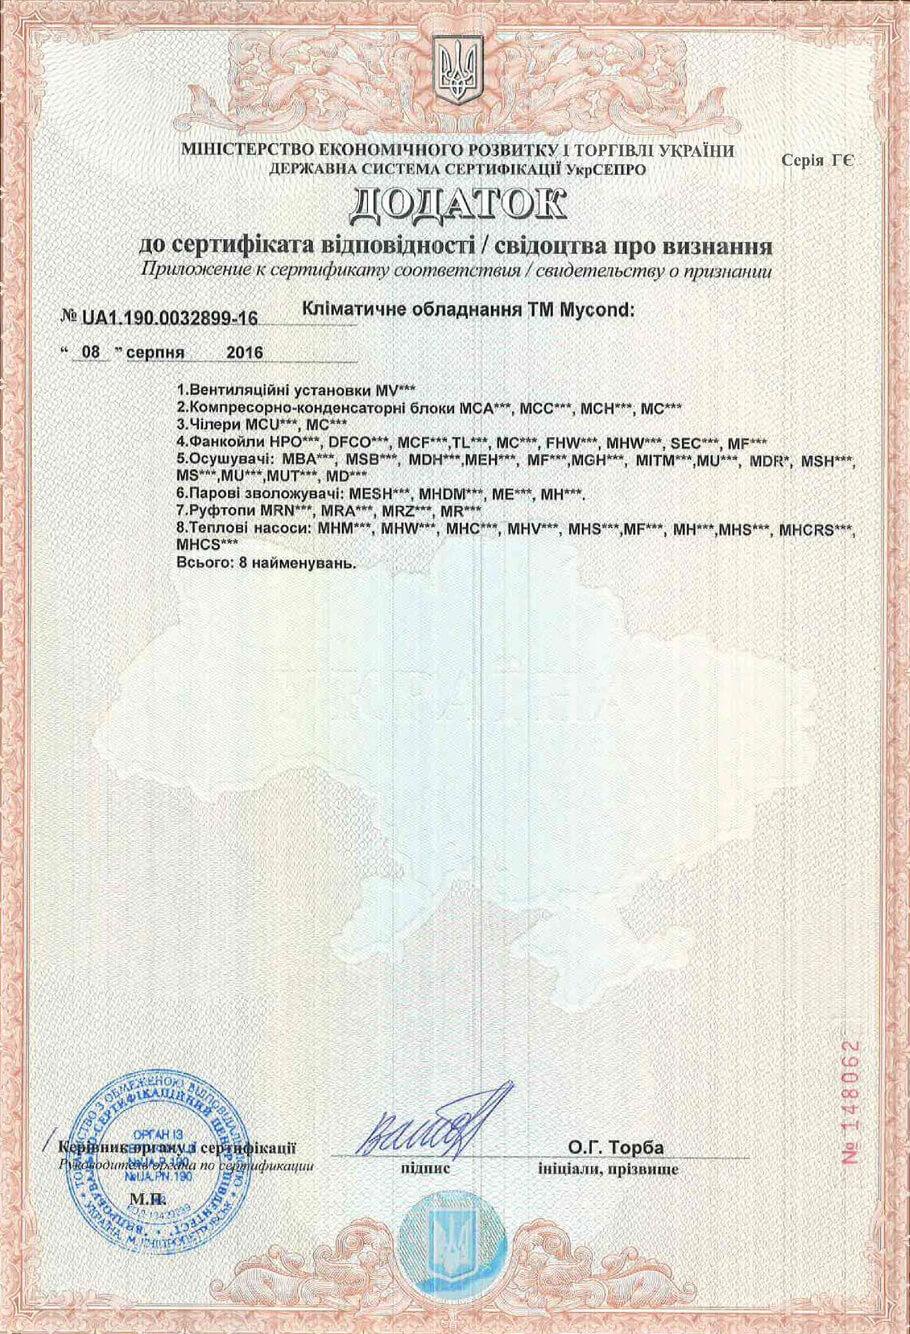 sertifacate-2-upd